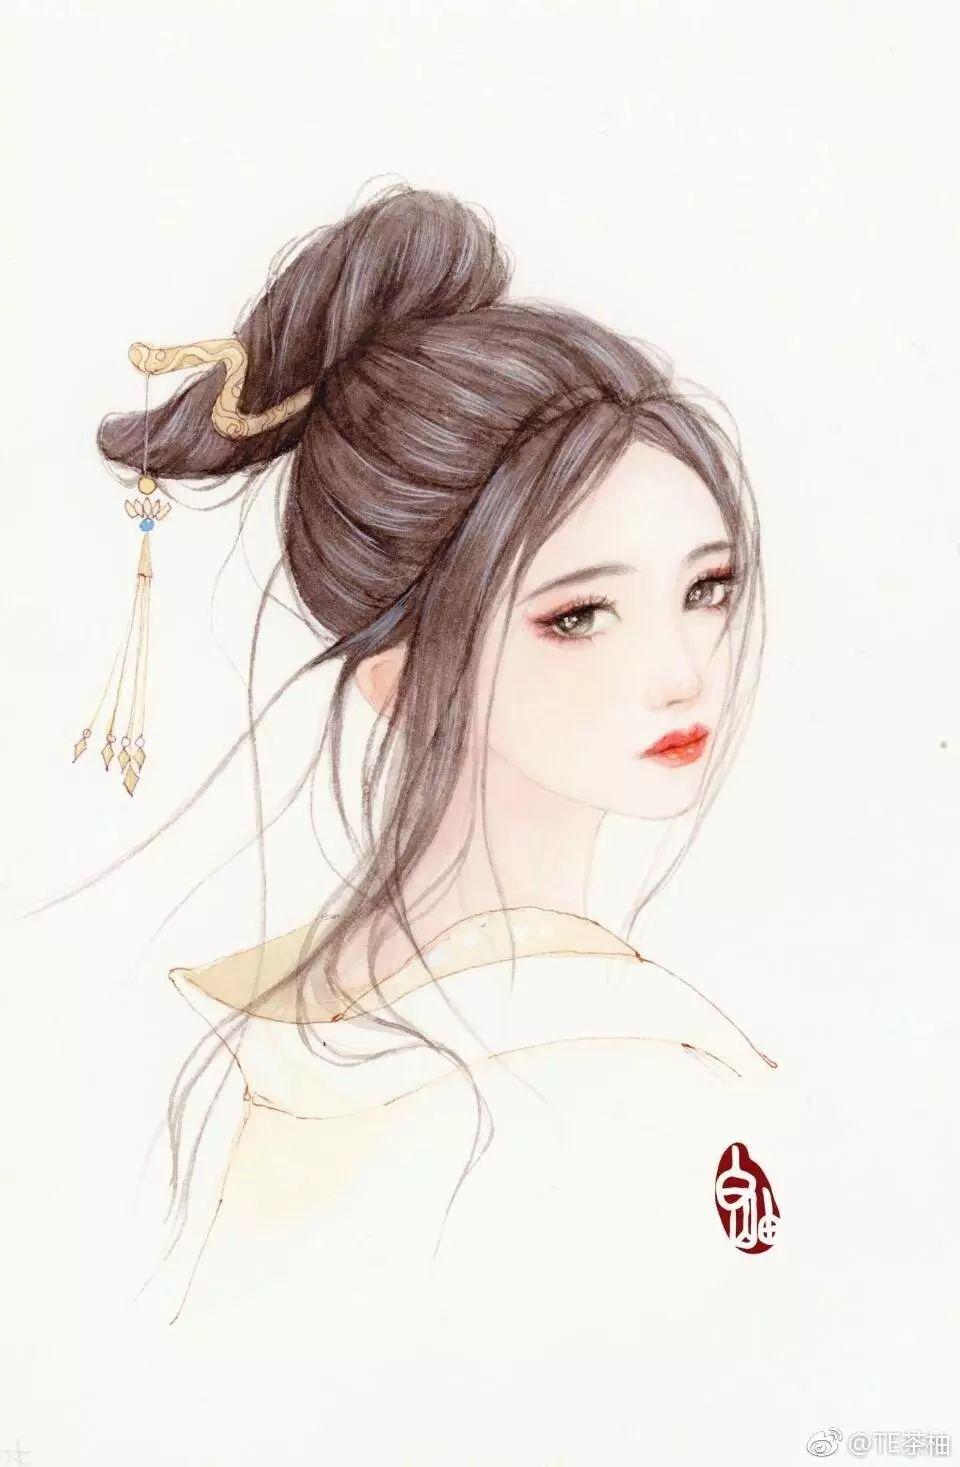 唯美古风手绘插画图片,快用起来做美美的壁纸啊!